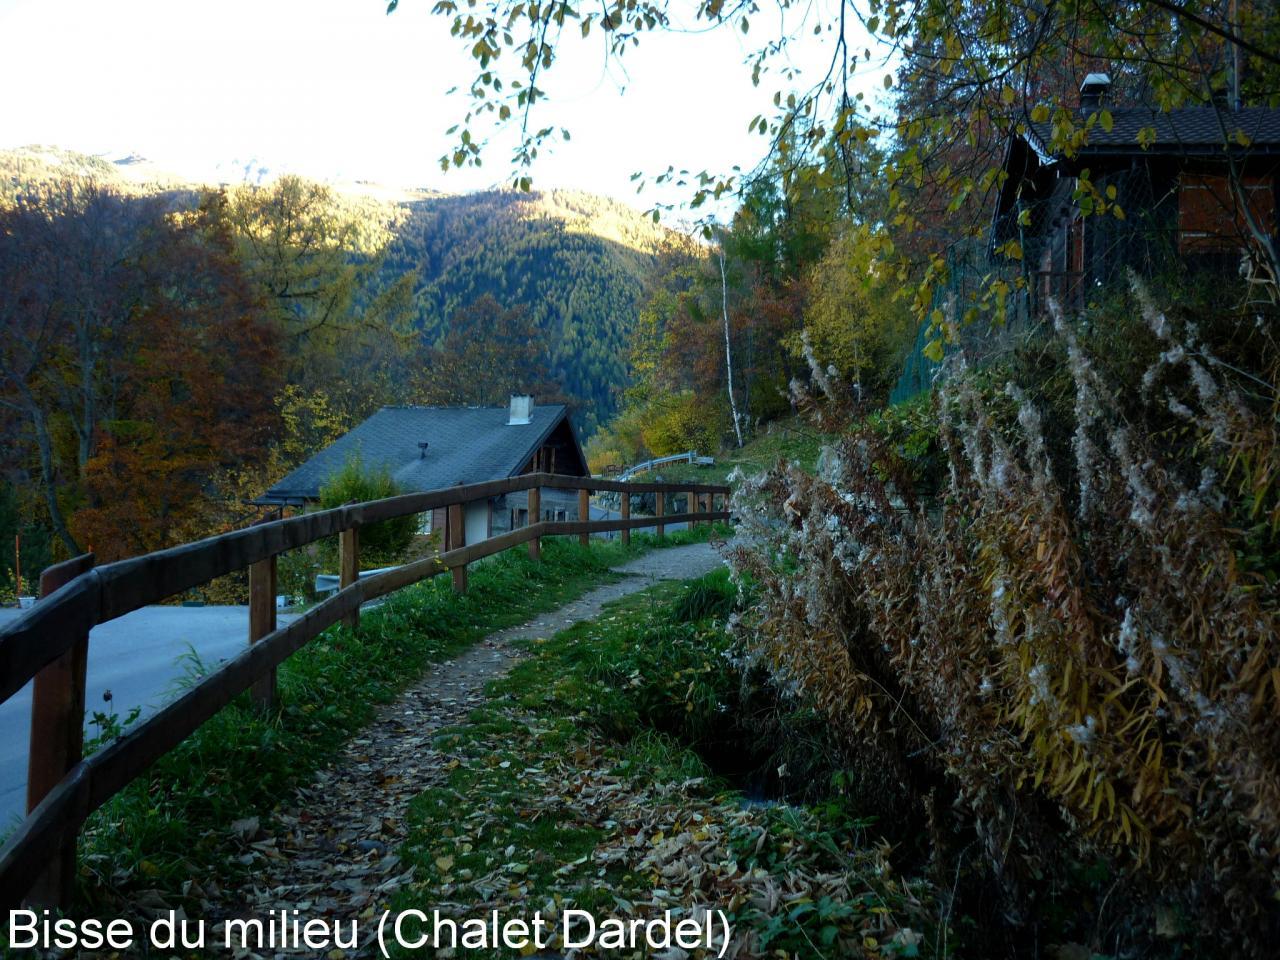 Chalet Dardel (Bisse du milieu)